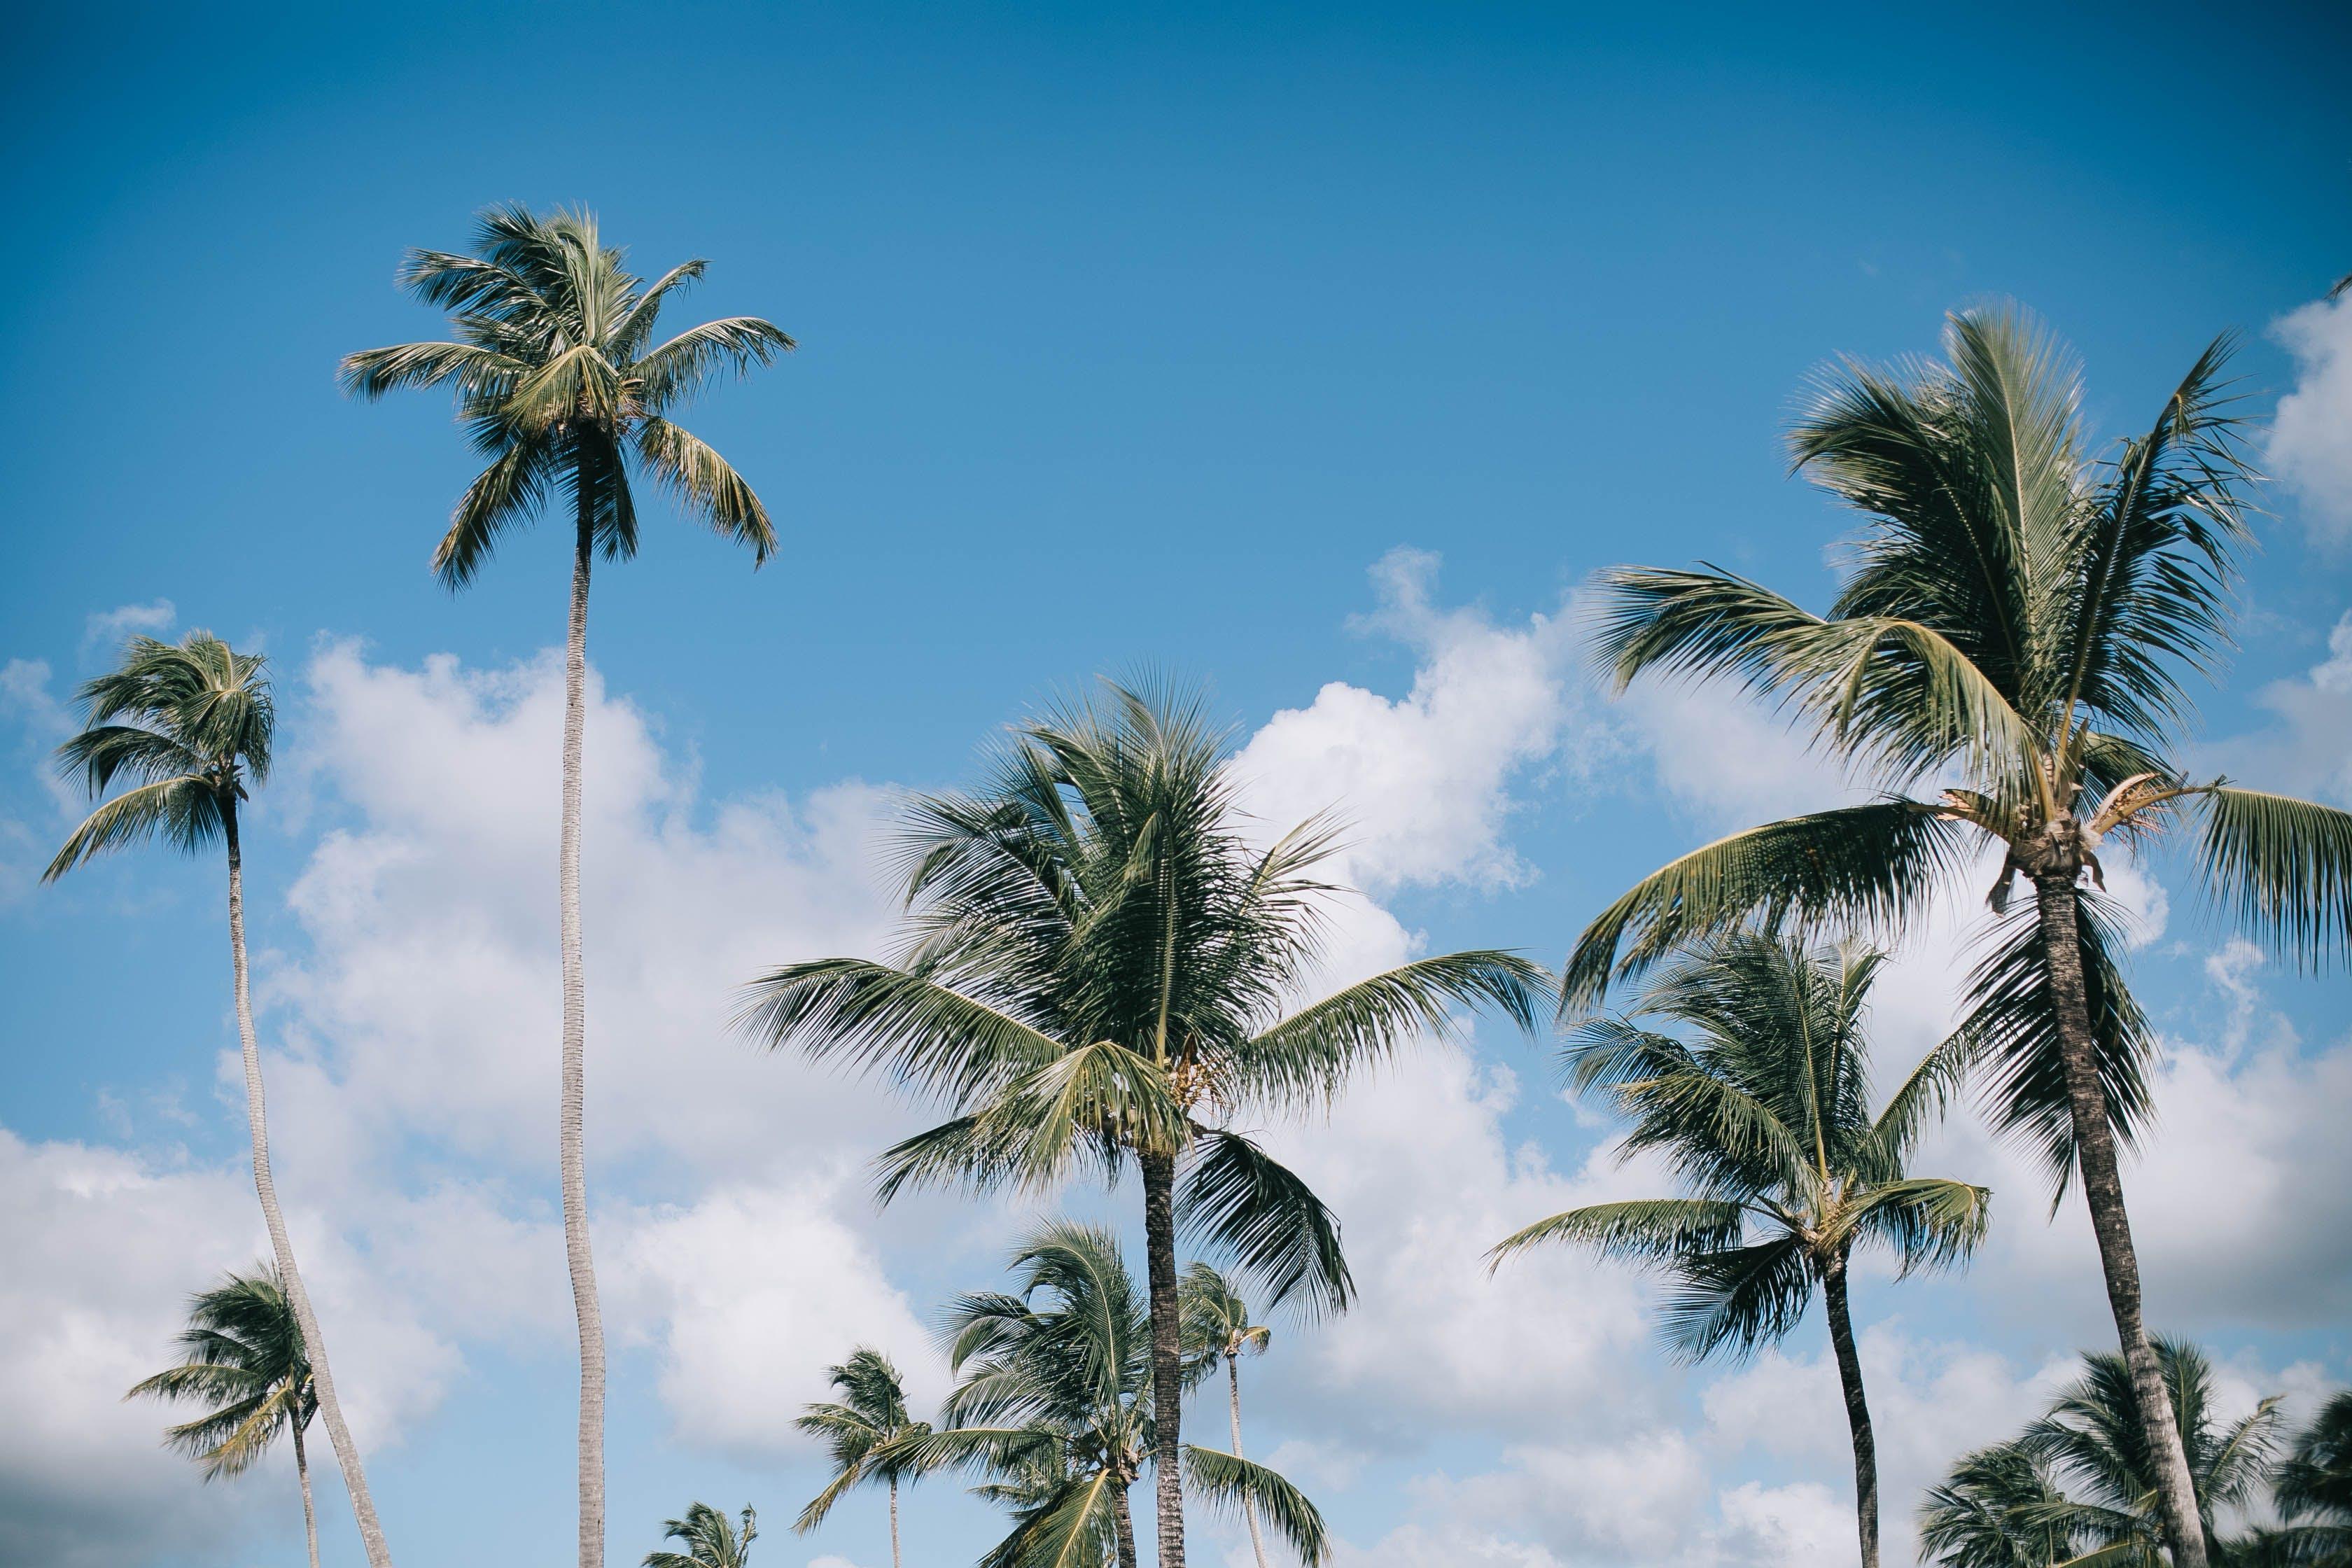 天性, 棕櫚樹, 椰子樹, 樹木 的 免費圖庫相片